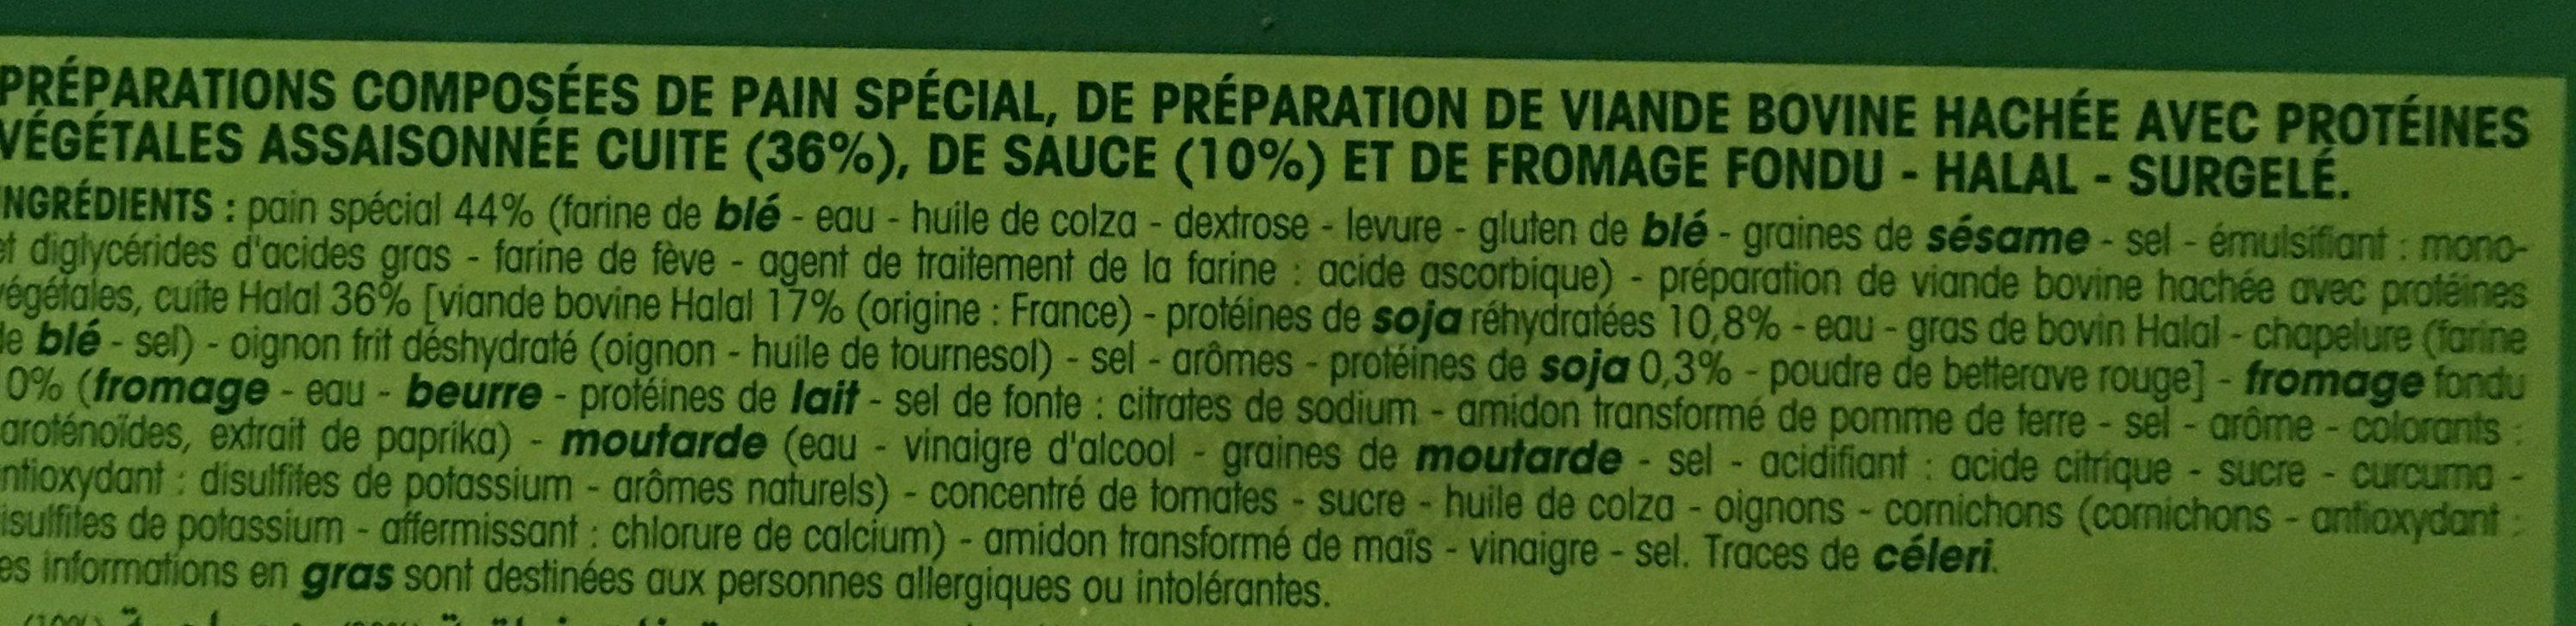 Cheeseburgers halal - Ingredients